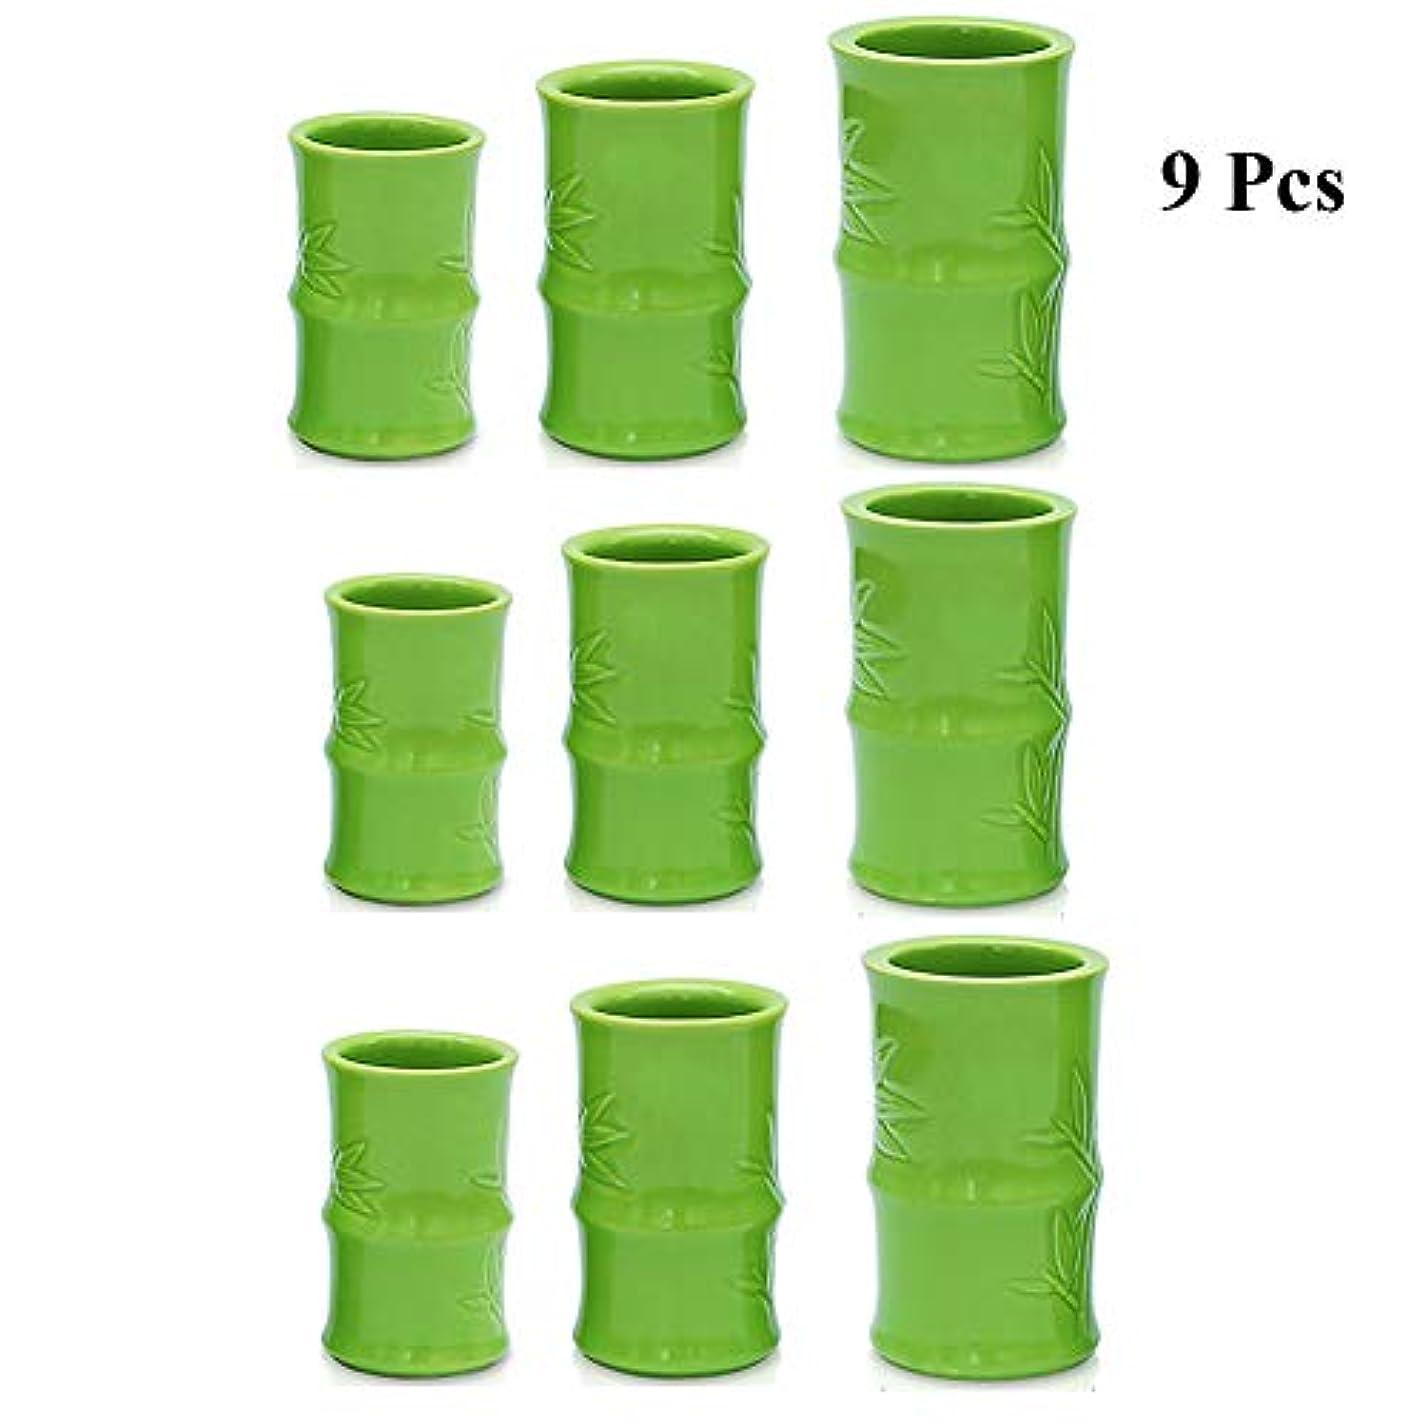 びん以前はエスカレート真空カッピングマッサージ缶 - セラミックスポットセラピーセット - 鍼ボディセラピーセット,C9pcs